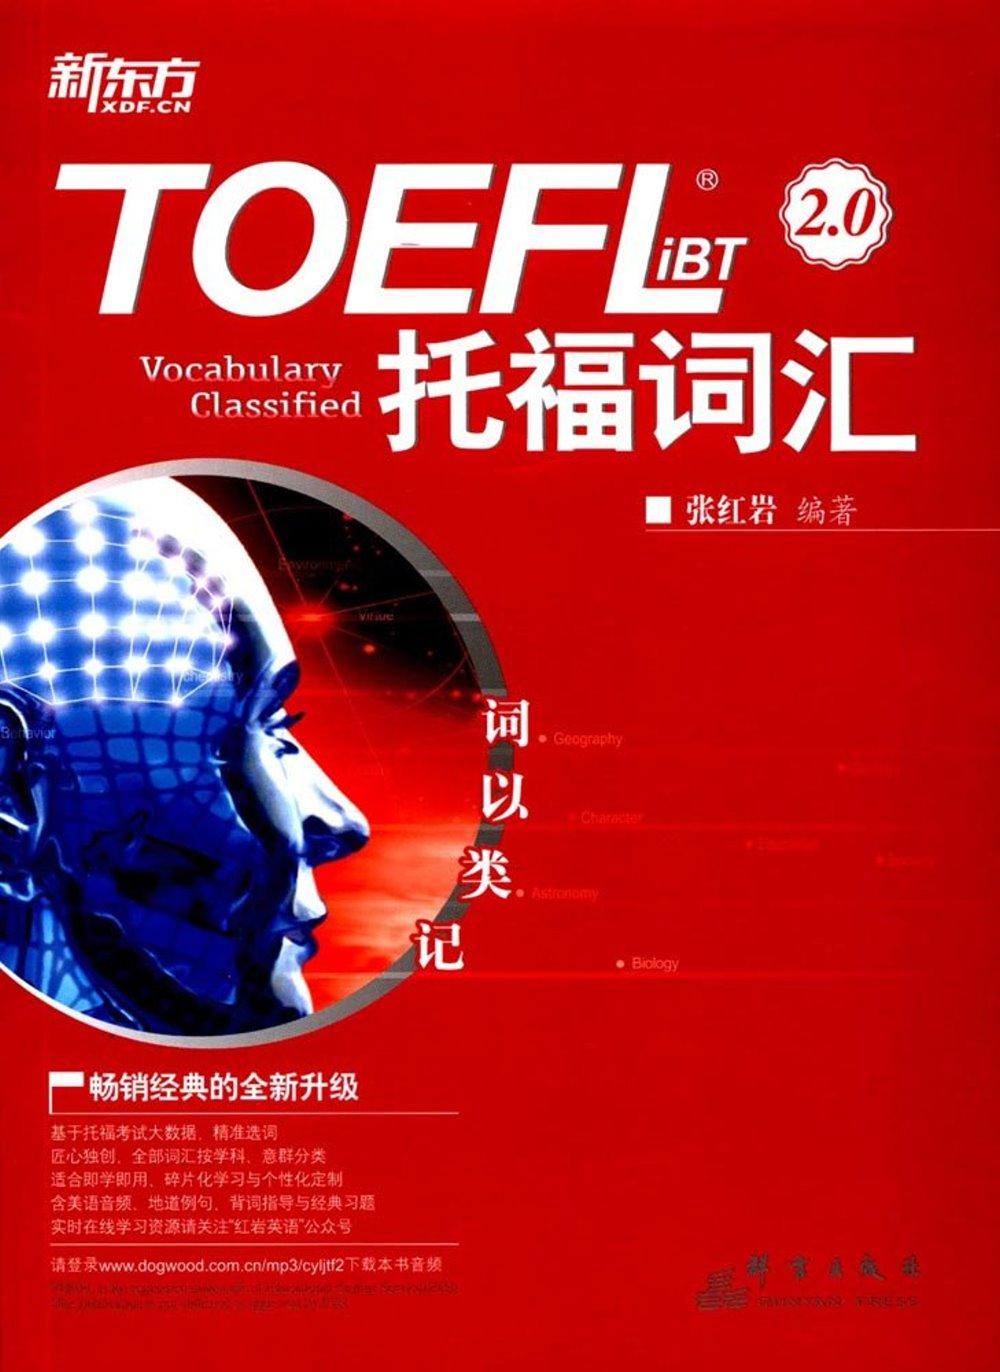 TOEFL iBT托福詞匯:詞以類記